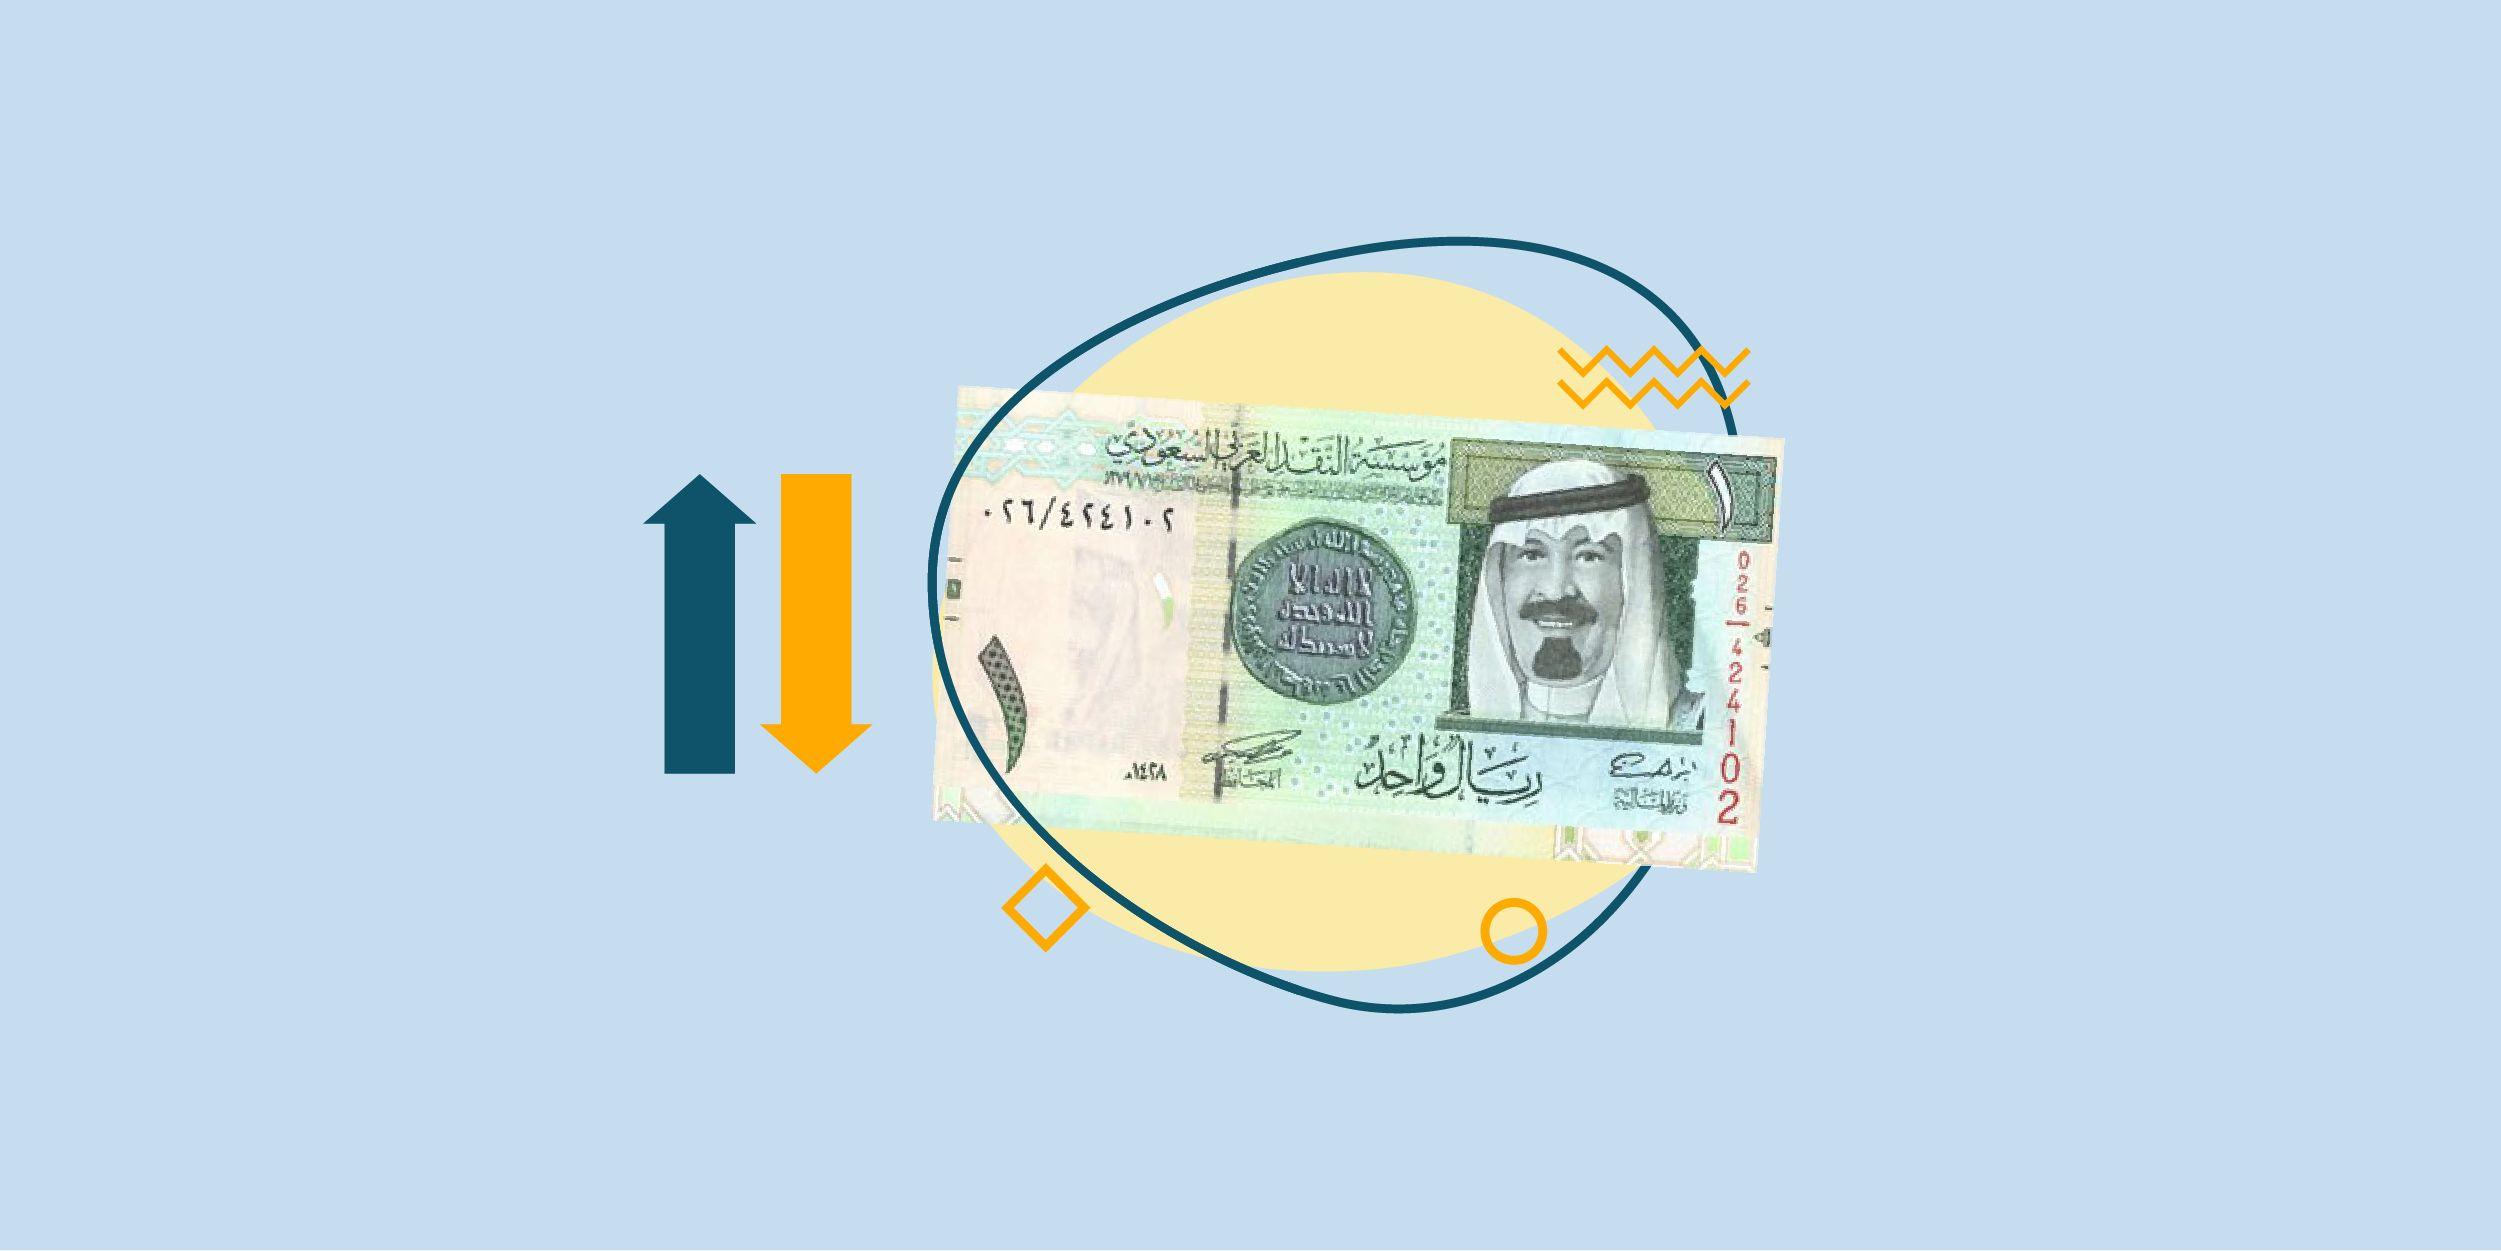 سعر الريال السعودي في البنوك اليوم: الخميس 8 يوليو 2021